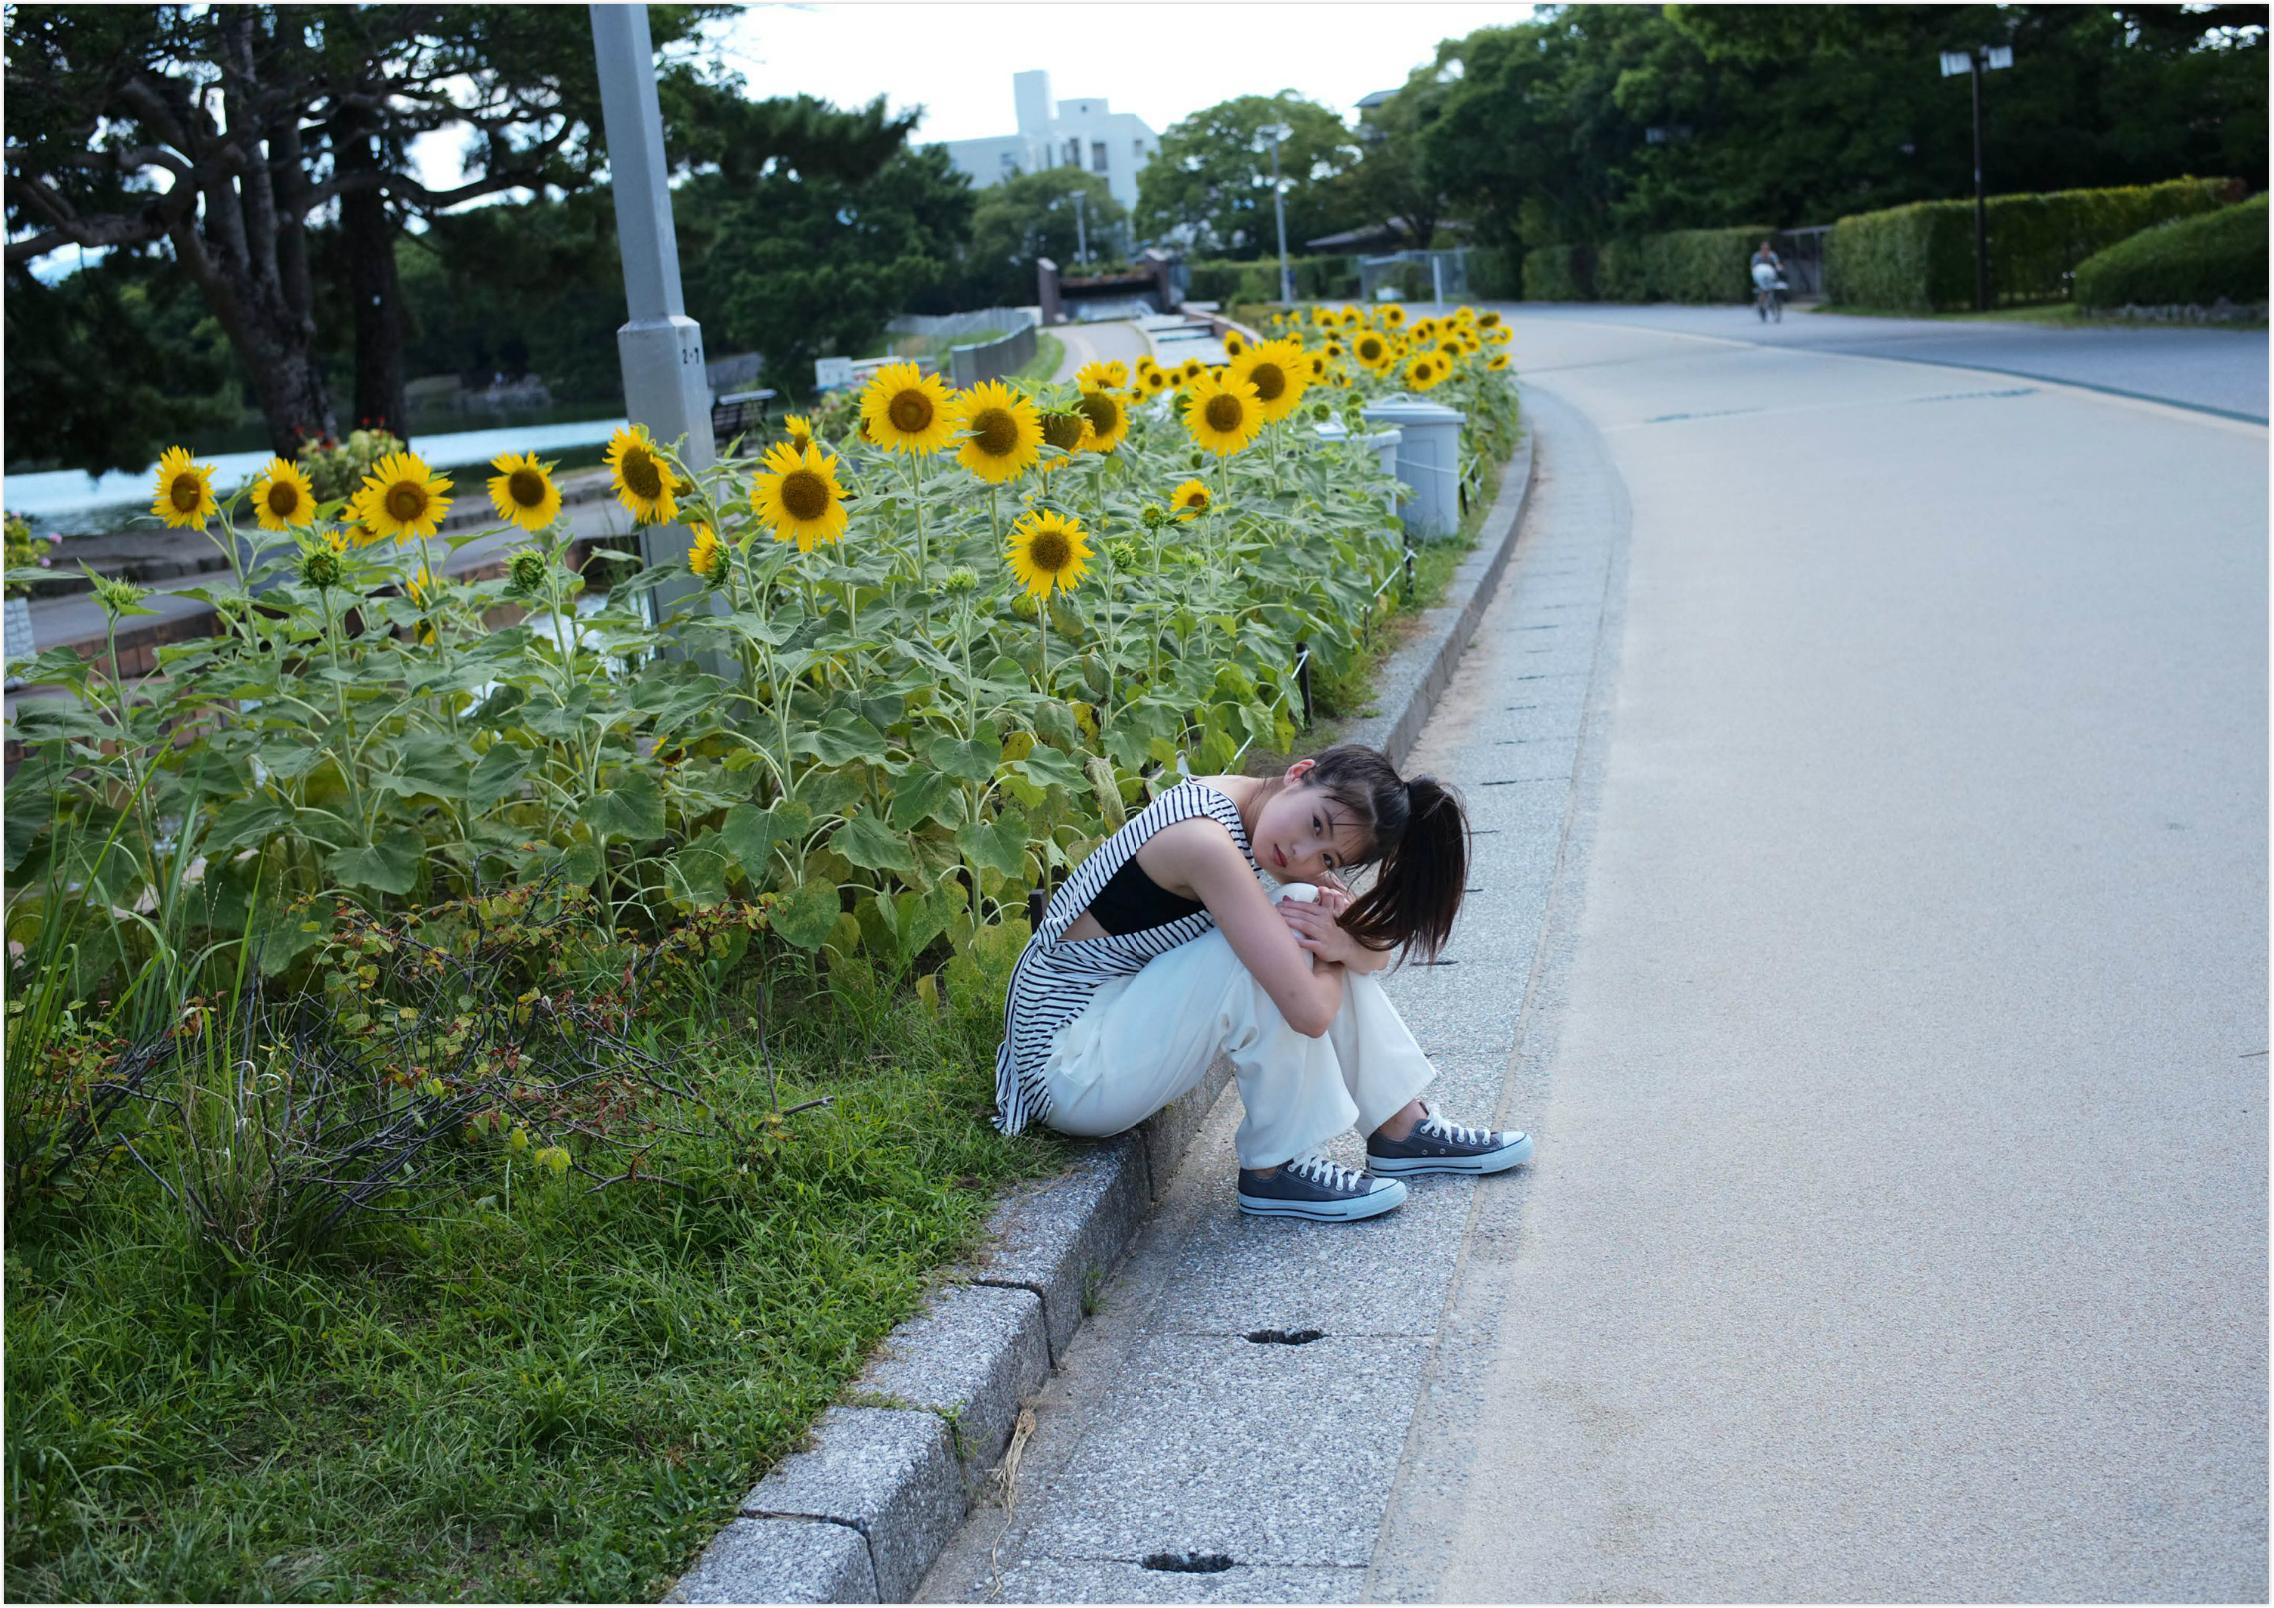 今田美樱Weekly Playboy写真集「スタミナ」 养眼图片 第13张